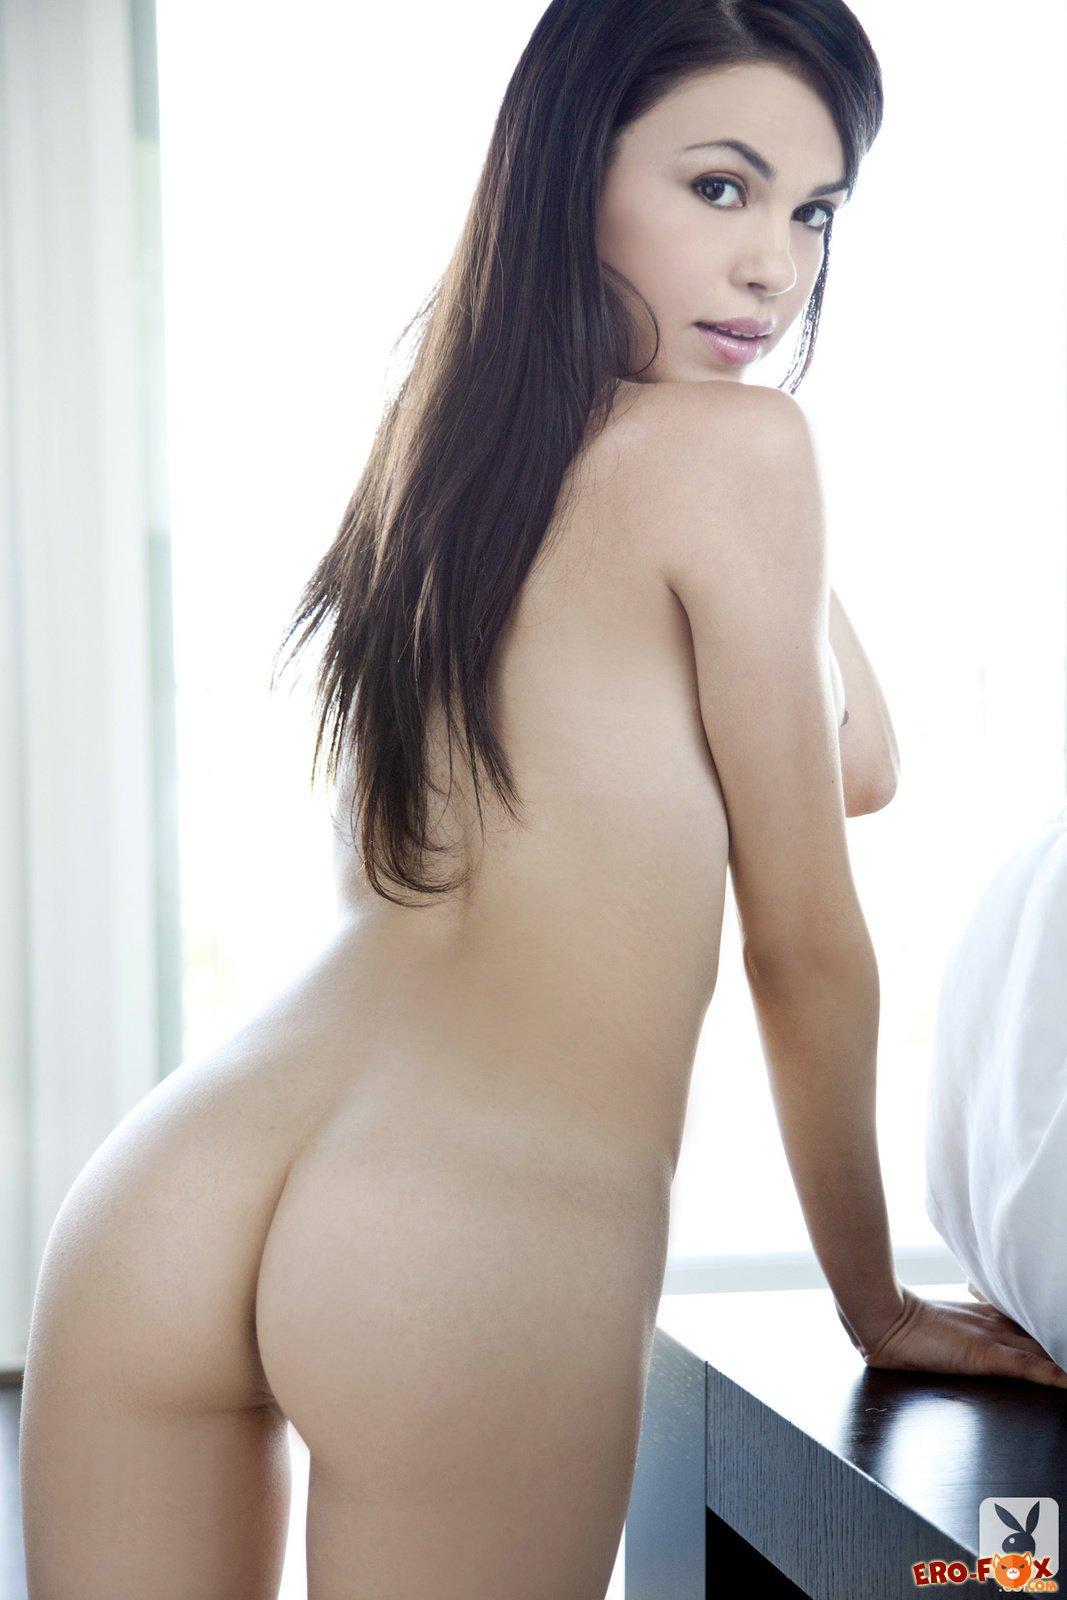 Красотка с большой упругой грудью - фото PlayBoy.